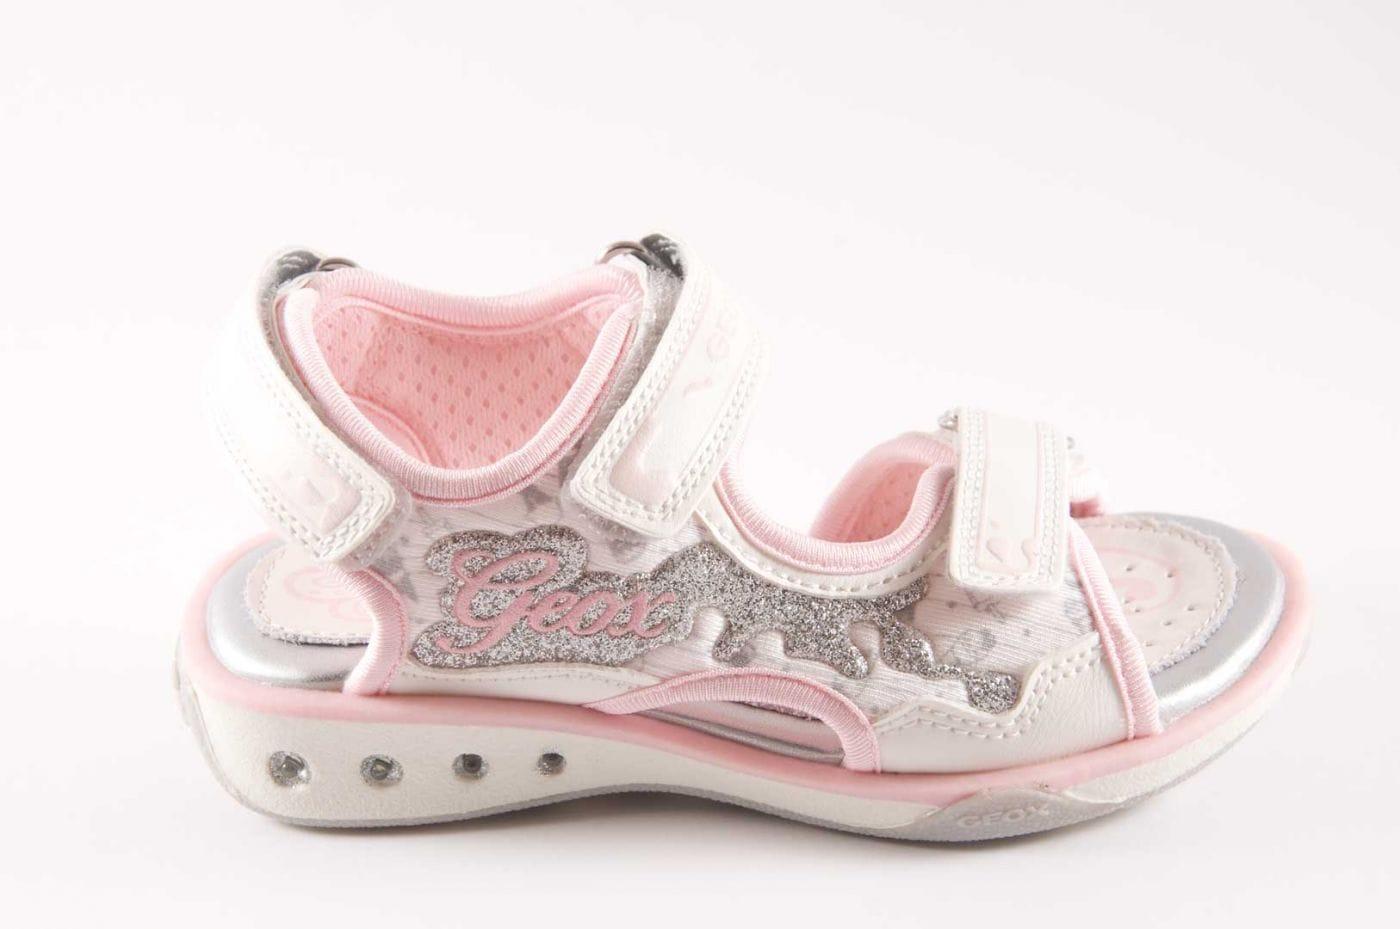 5d7e96d17 Comprar zapato tipo JOVEN NIÑA estilo SANDALIA COLOR ROSA PIEL ...